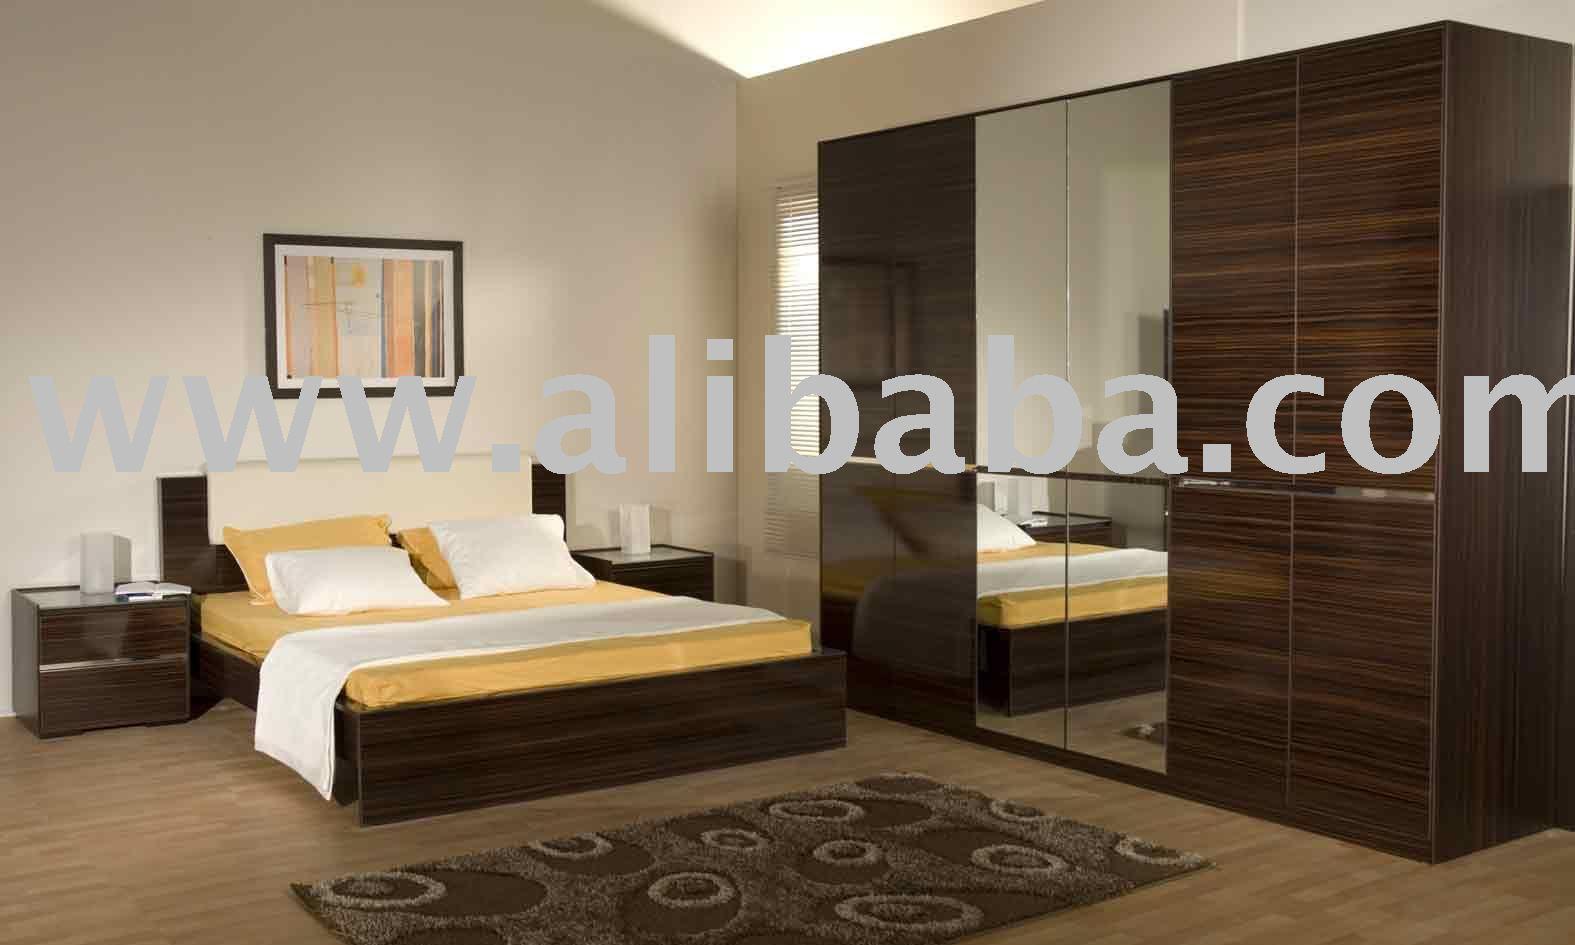 30 ensemble de chambre coucher lots de literie id du produit103881829 - Meuble Chambre A Coucher Turque